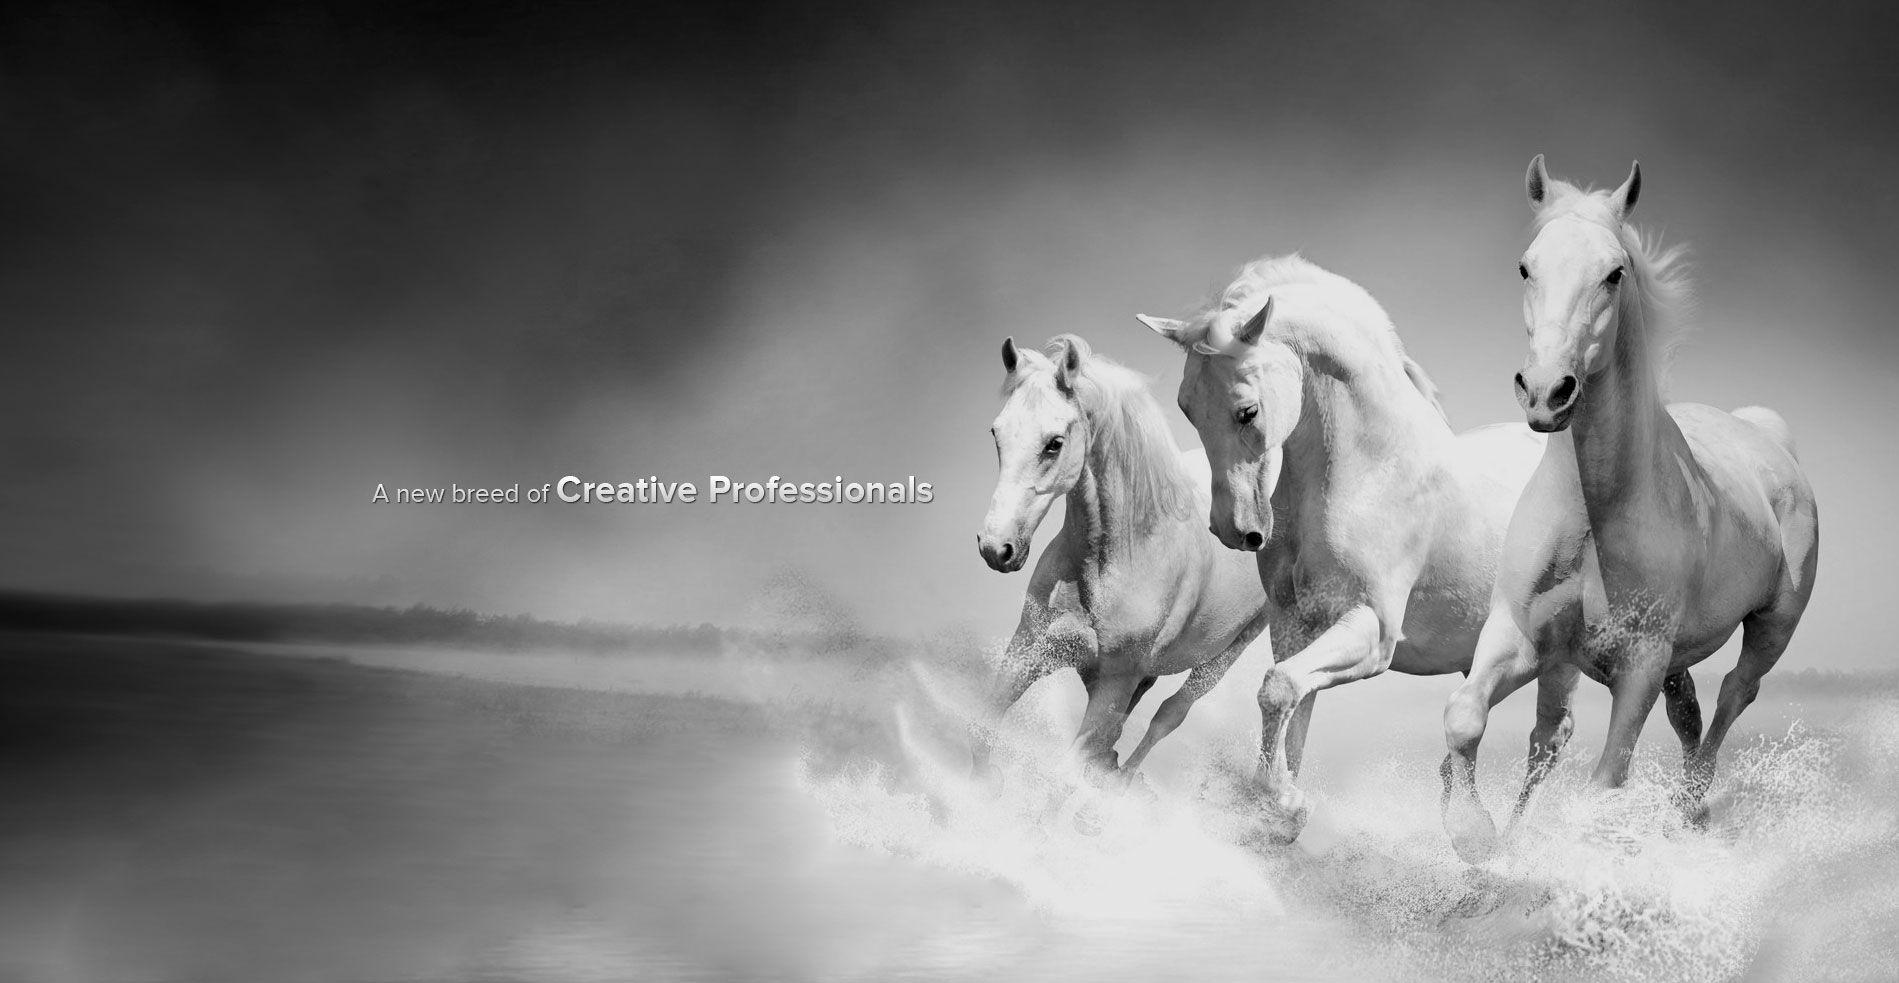 Wonderful Wallpaper Horse Creative - b7334cad10ce9bc9ae7f889b4286ef32  HD_913081.jpg